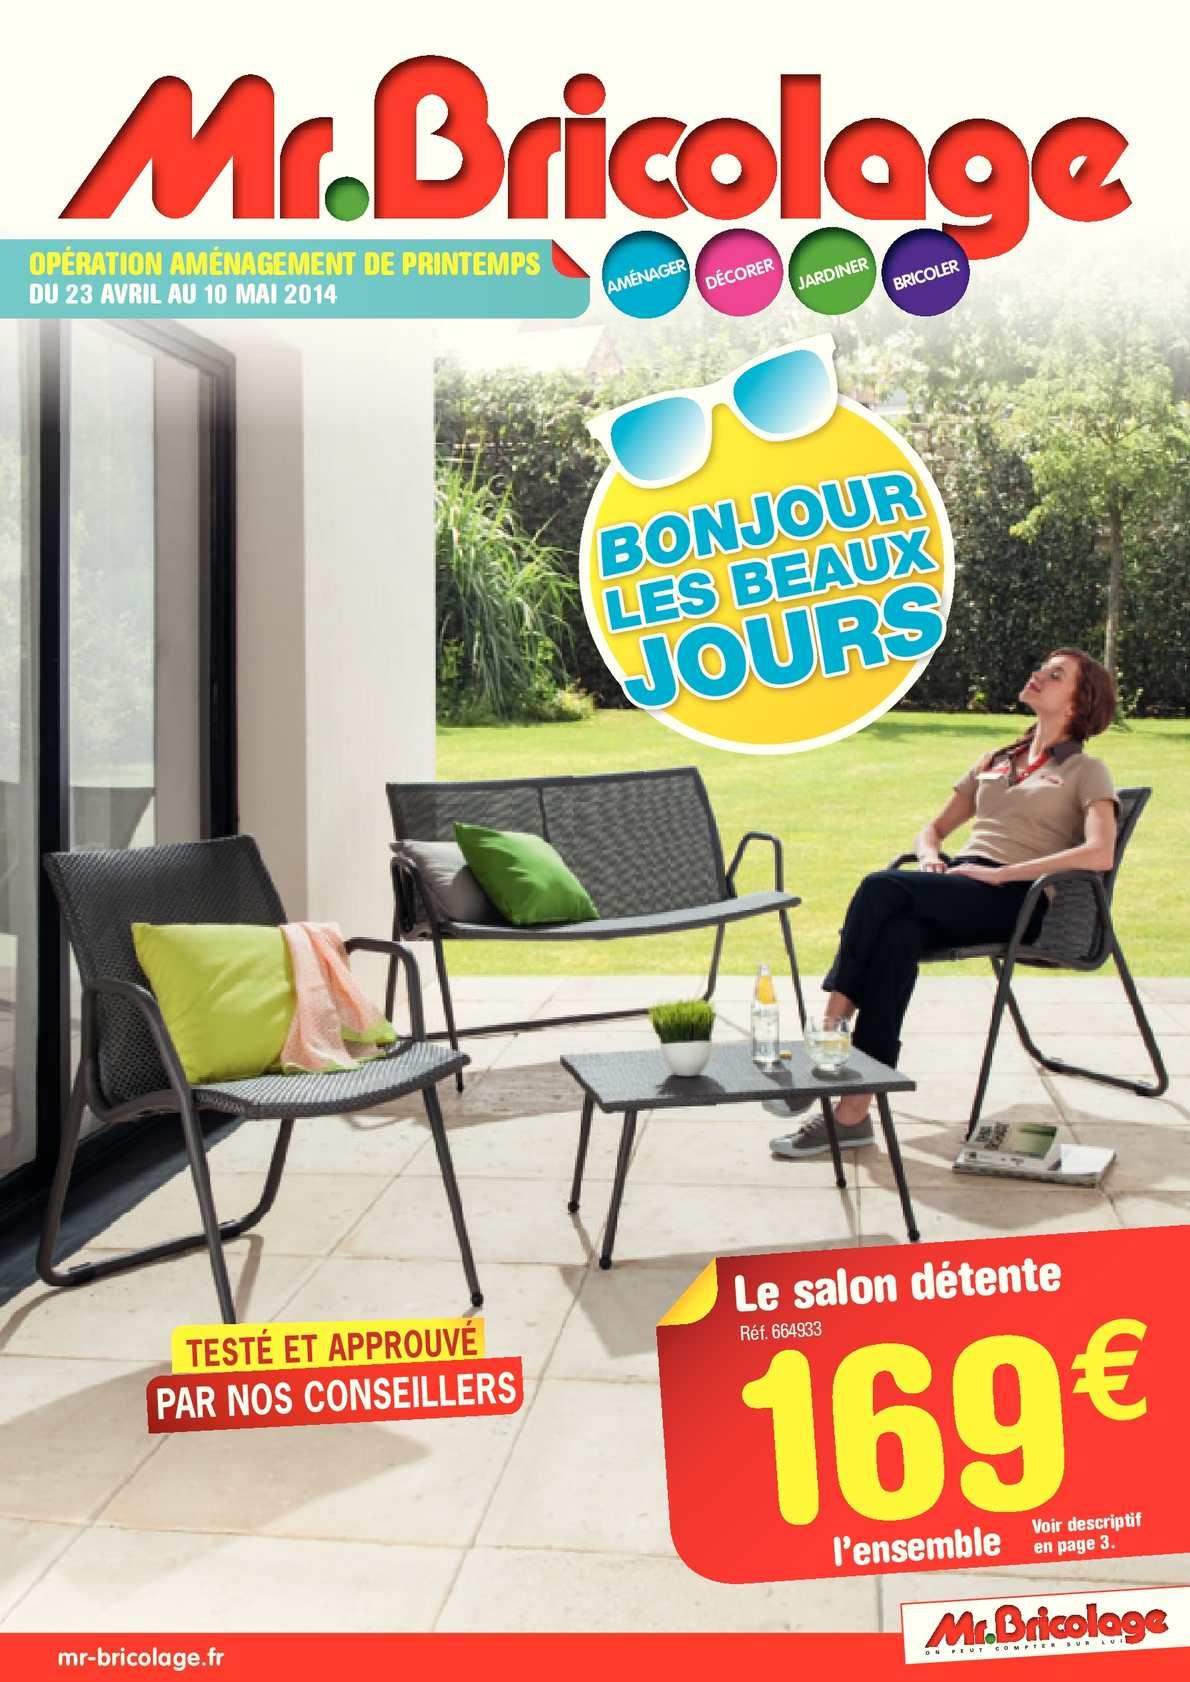 Calaméo - Mr.Bricolage - Catalogue aménagement extérieur ...